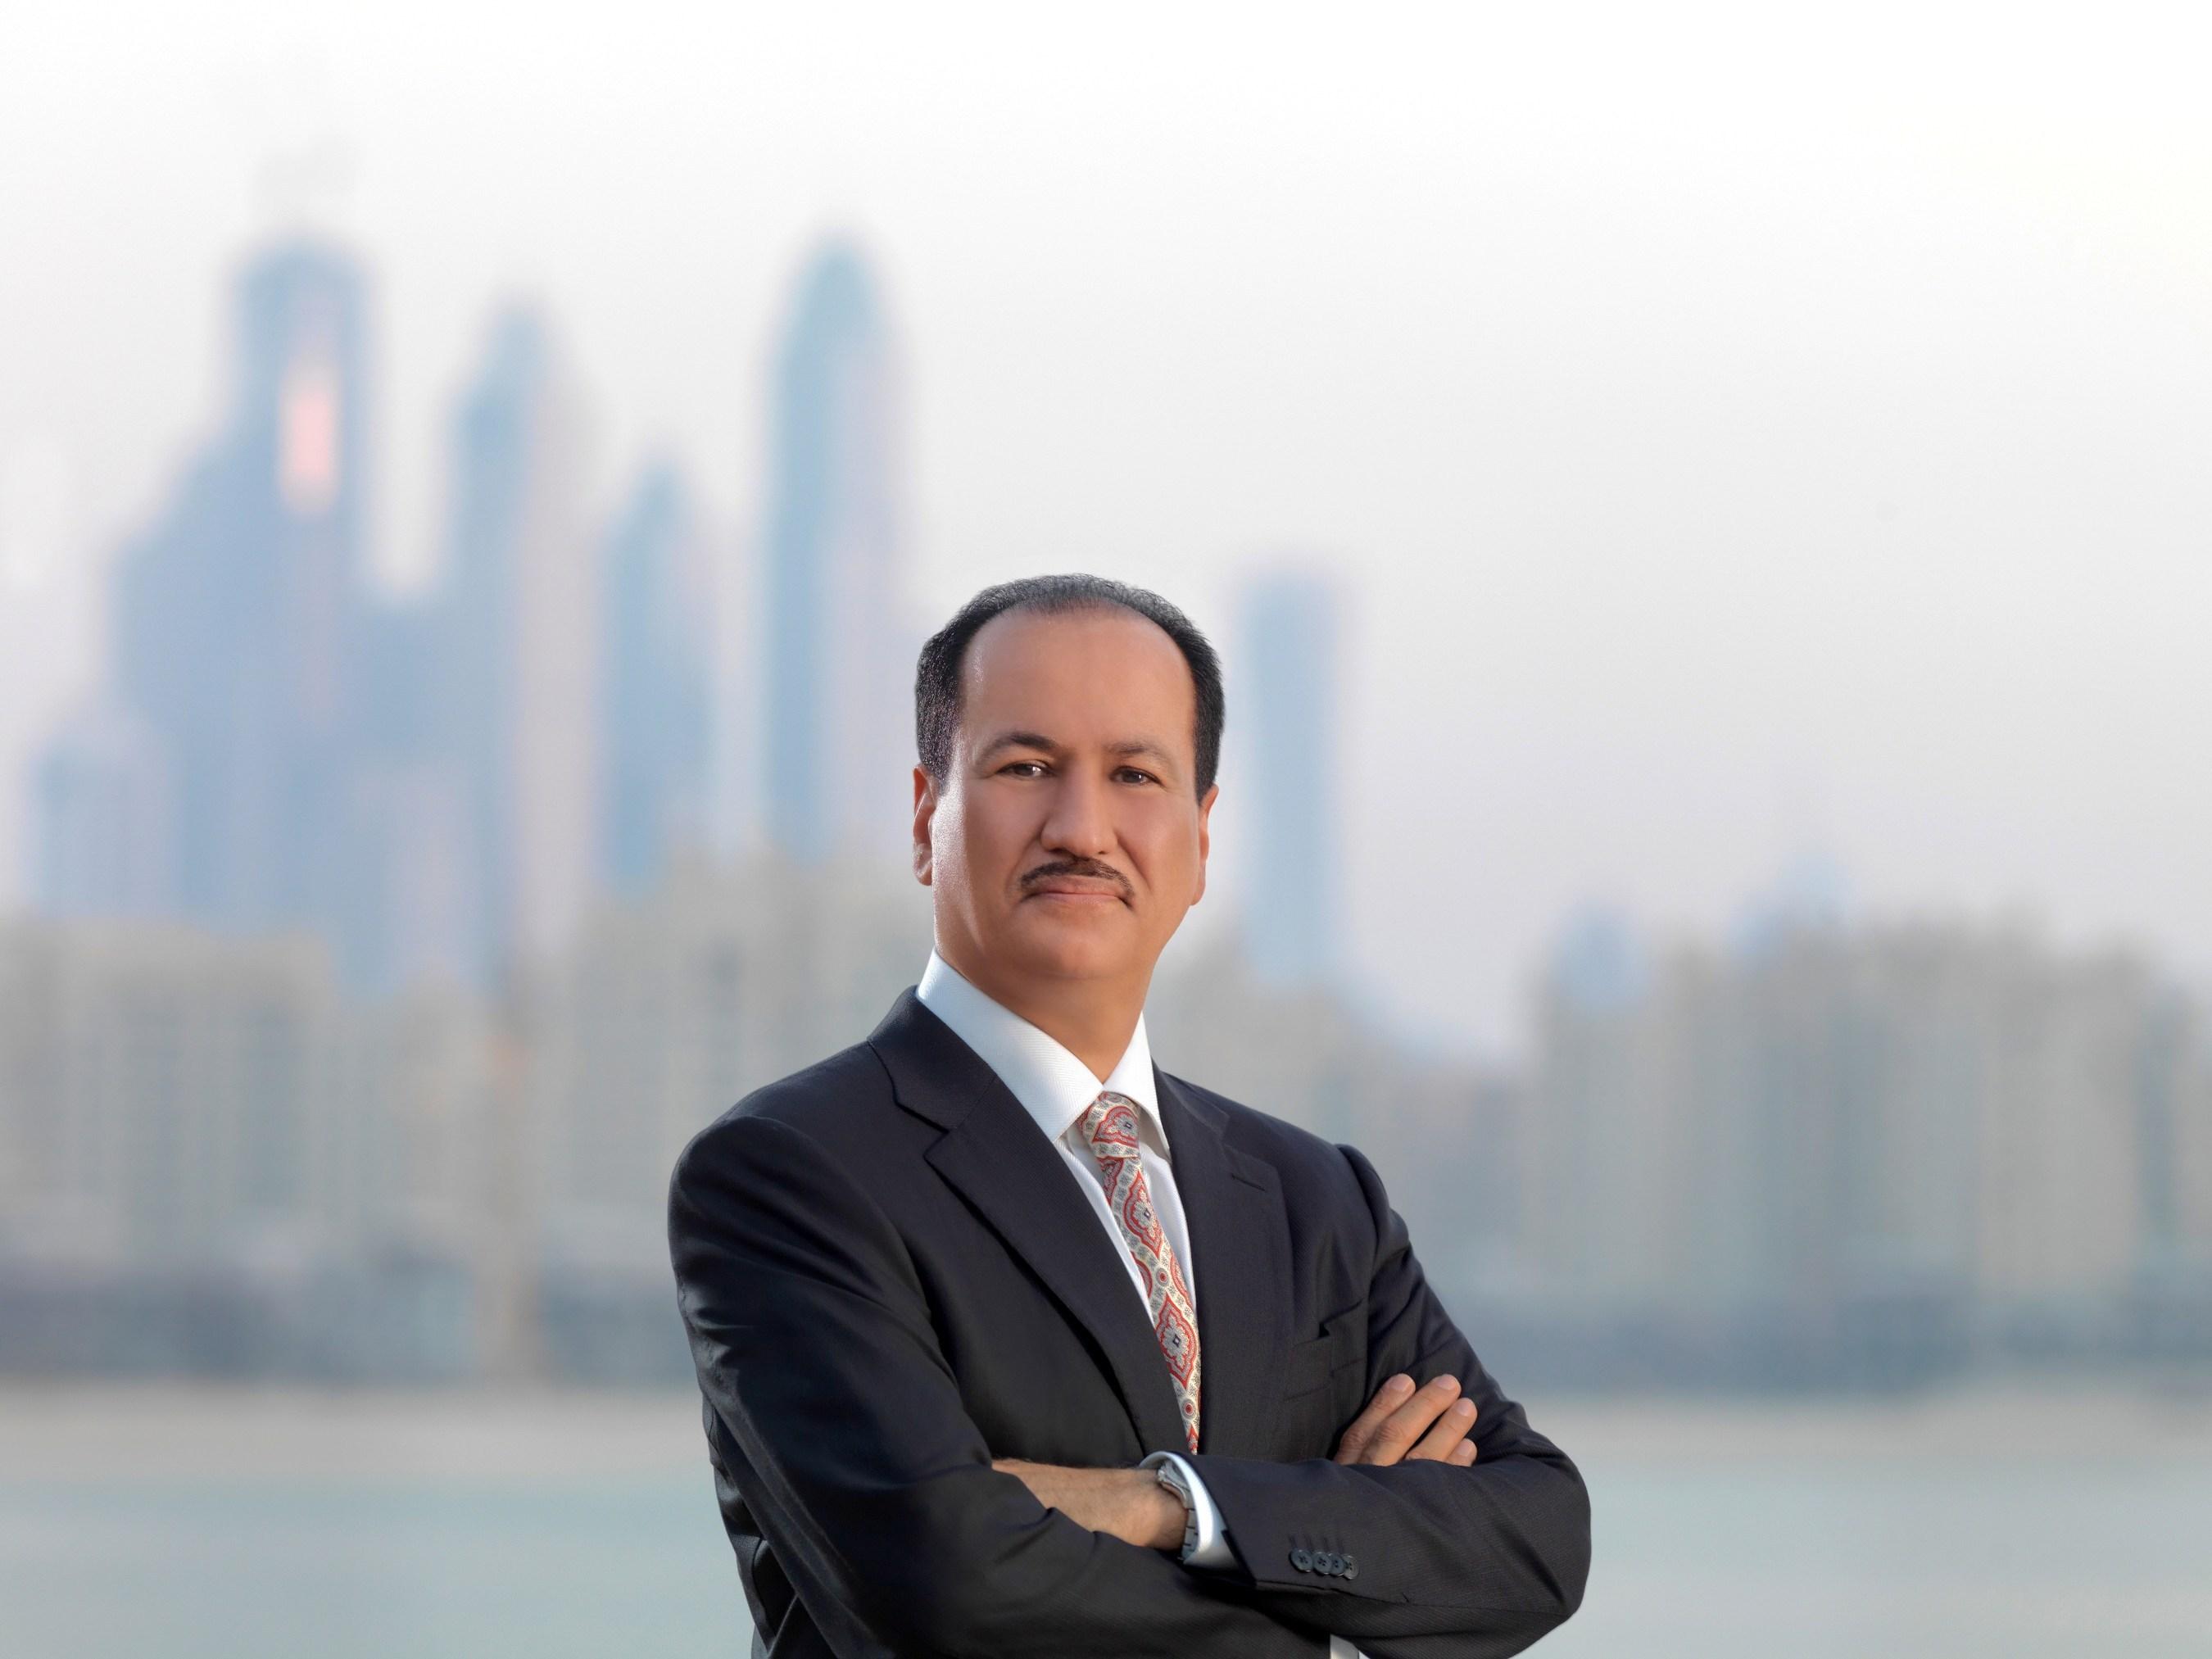 迪拜房地产大亨正式完成对意大利奢侈品牌Roberto Cavalli的收购